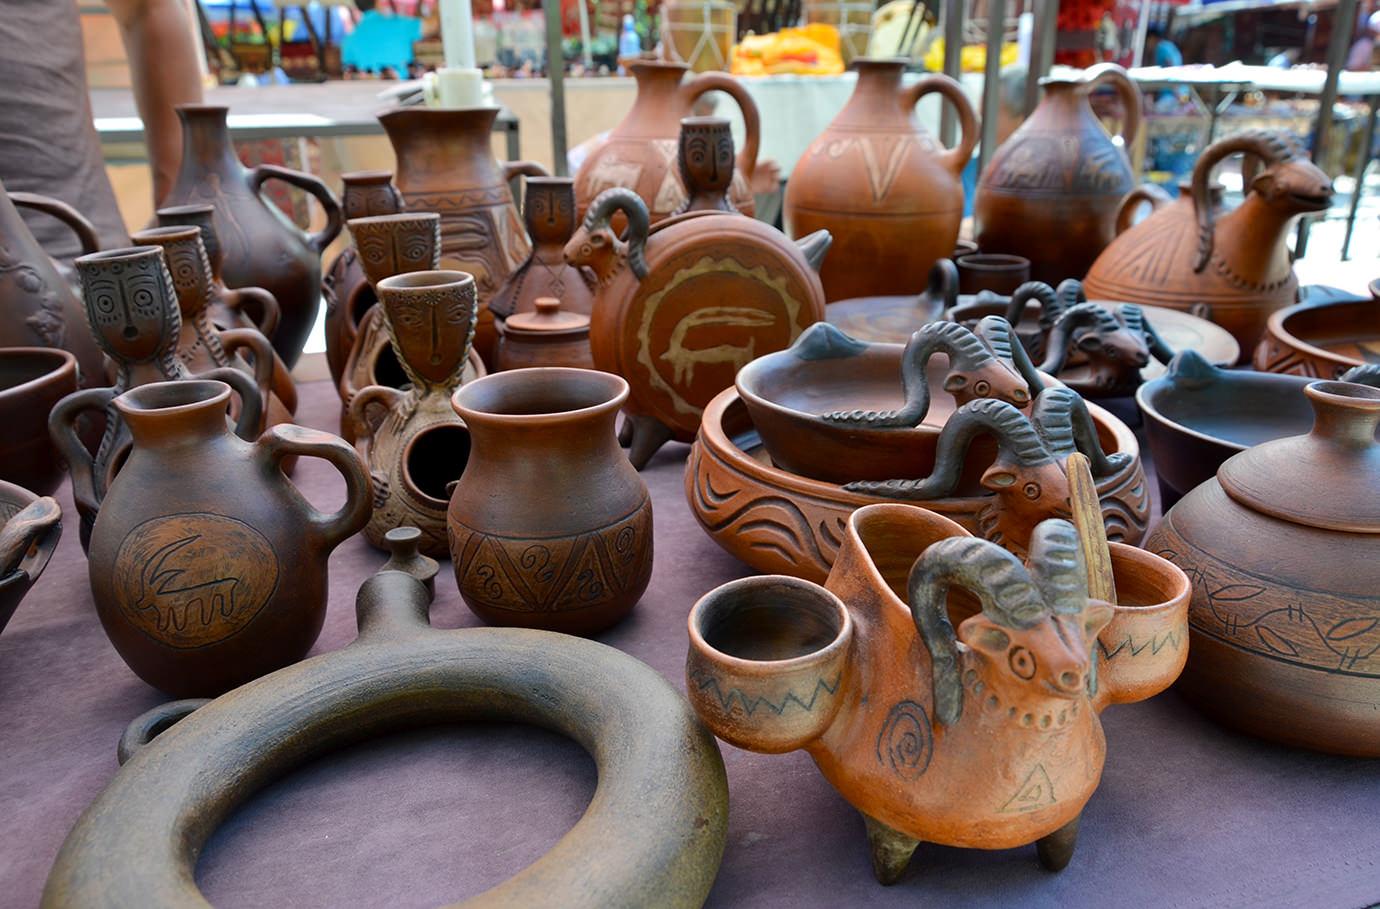 Блошиный рынок Еревана. Изделия из глины